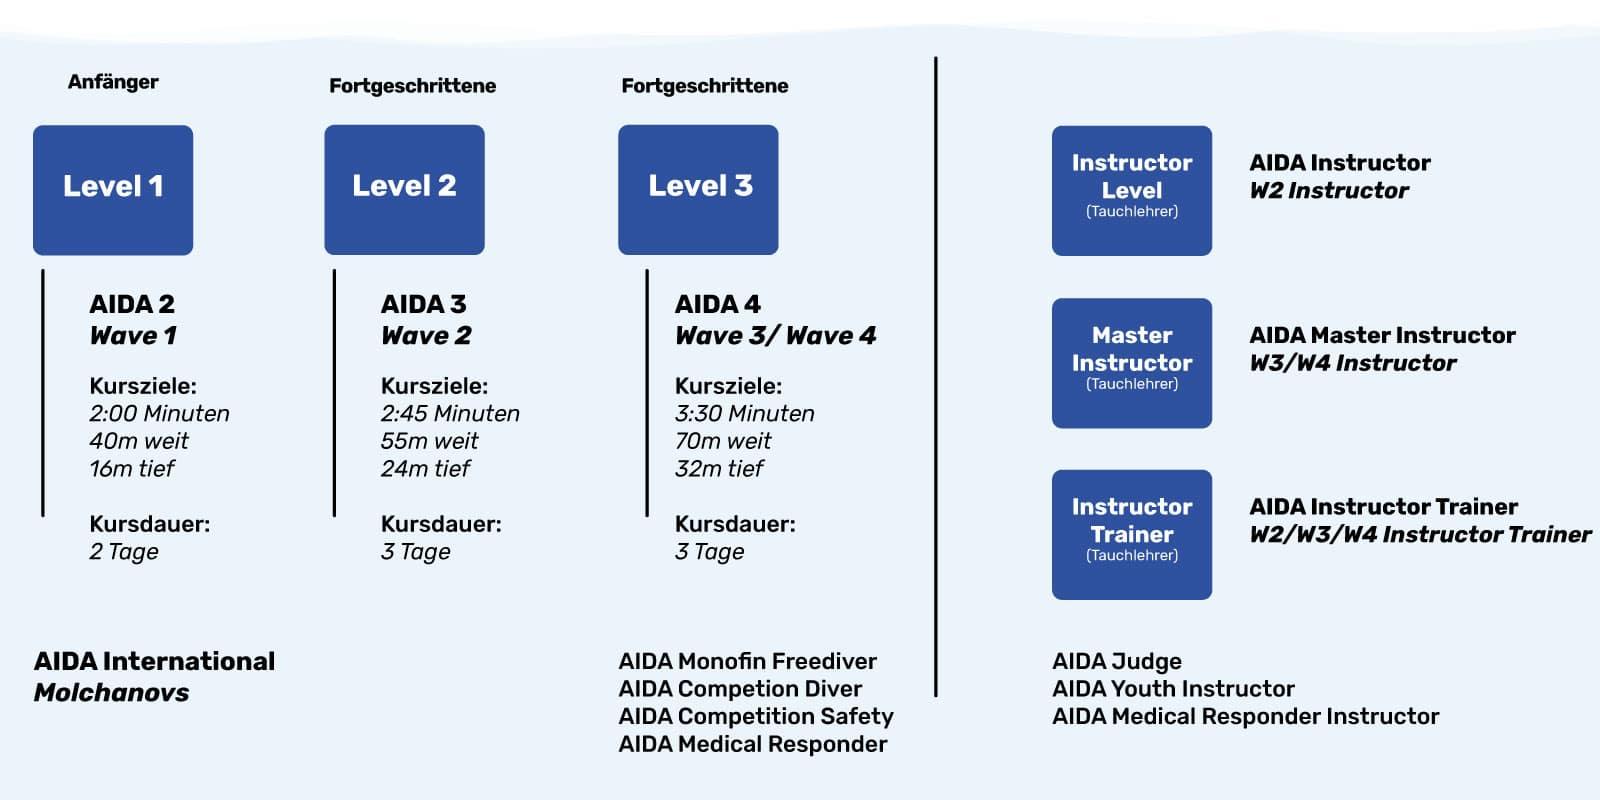 Apnoetauchen Kurse: Das Kurssystem von AIDA und Apnoetauchen-lernen.de